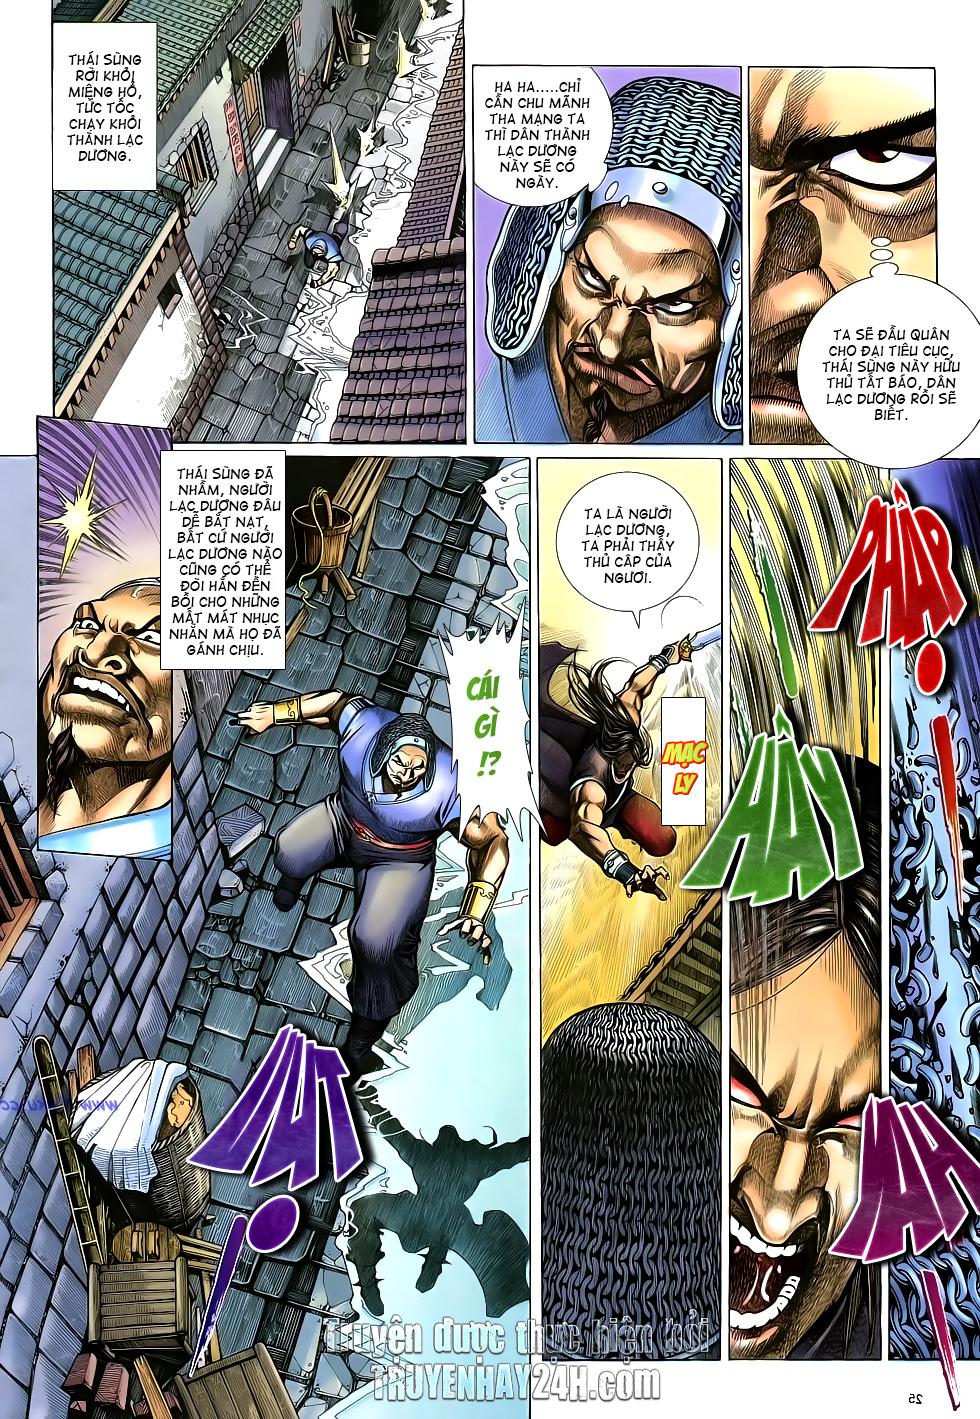 Anh hùng vô lệ Chap 16: Kiếm túy sư cuồng bất lưu đấu  trang 26